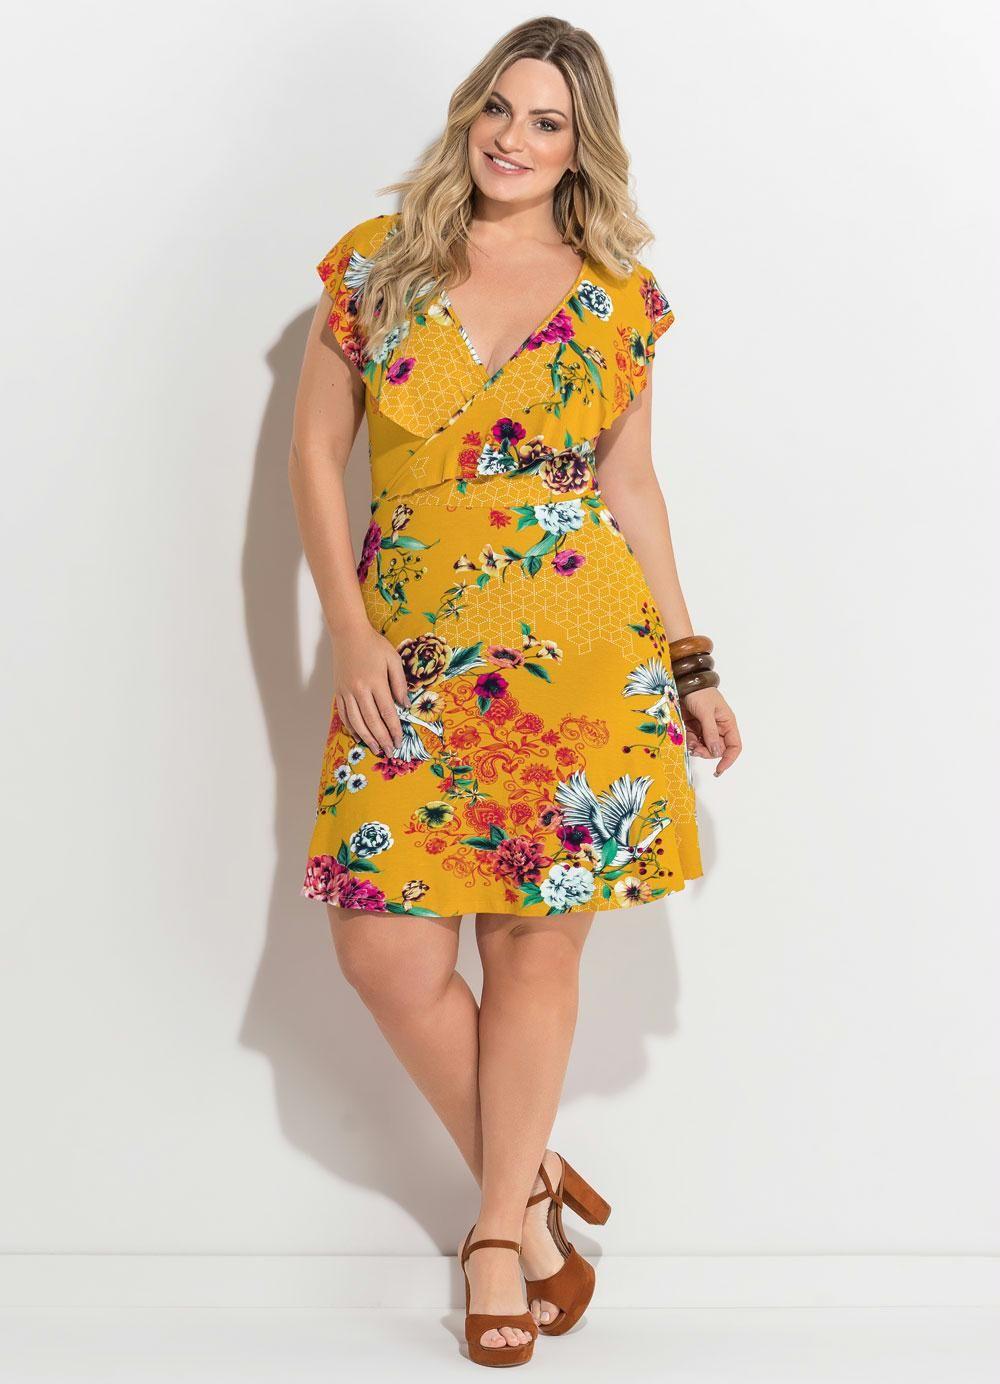 a3d2ec8b4e Vestido Transpassado Estampado Amarelo Plus Size - Quintess ...